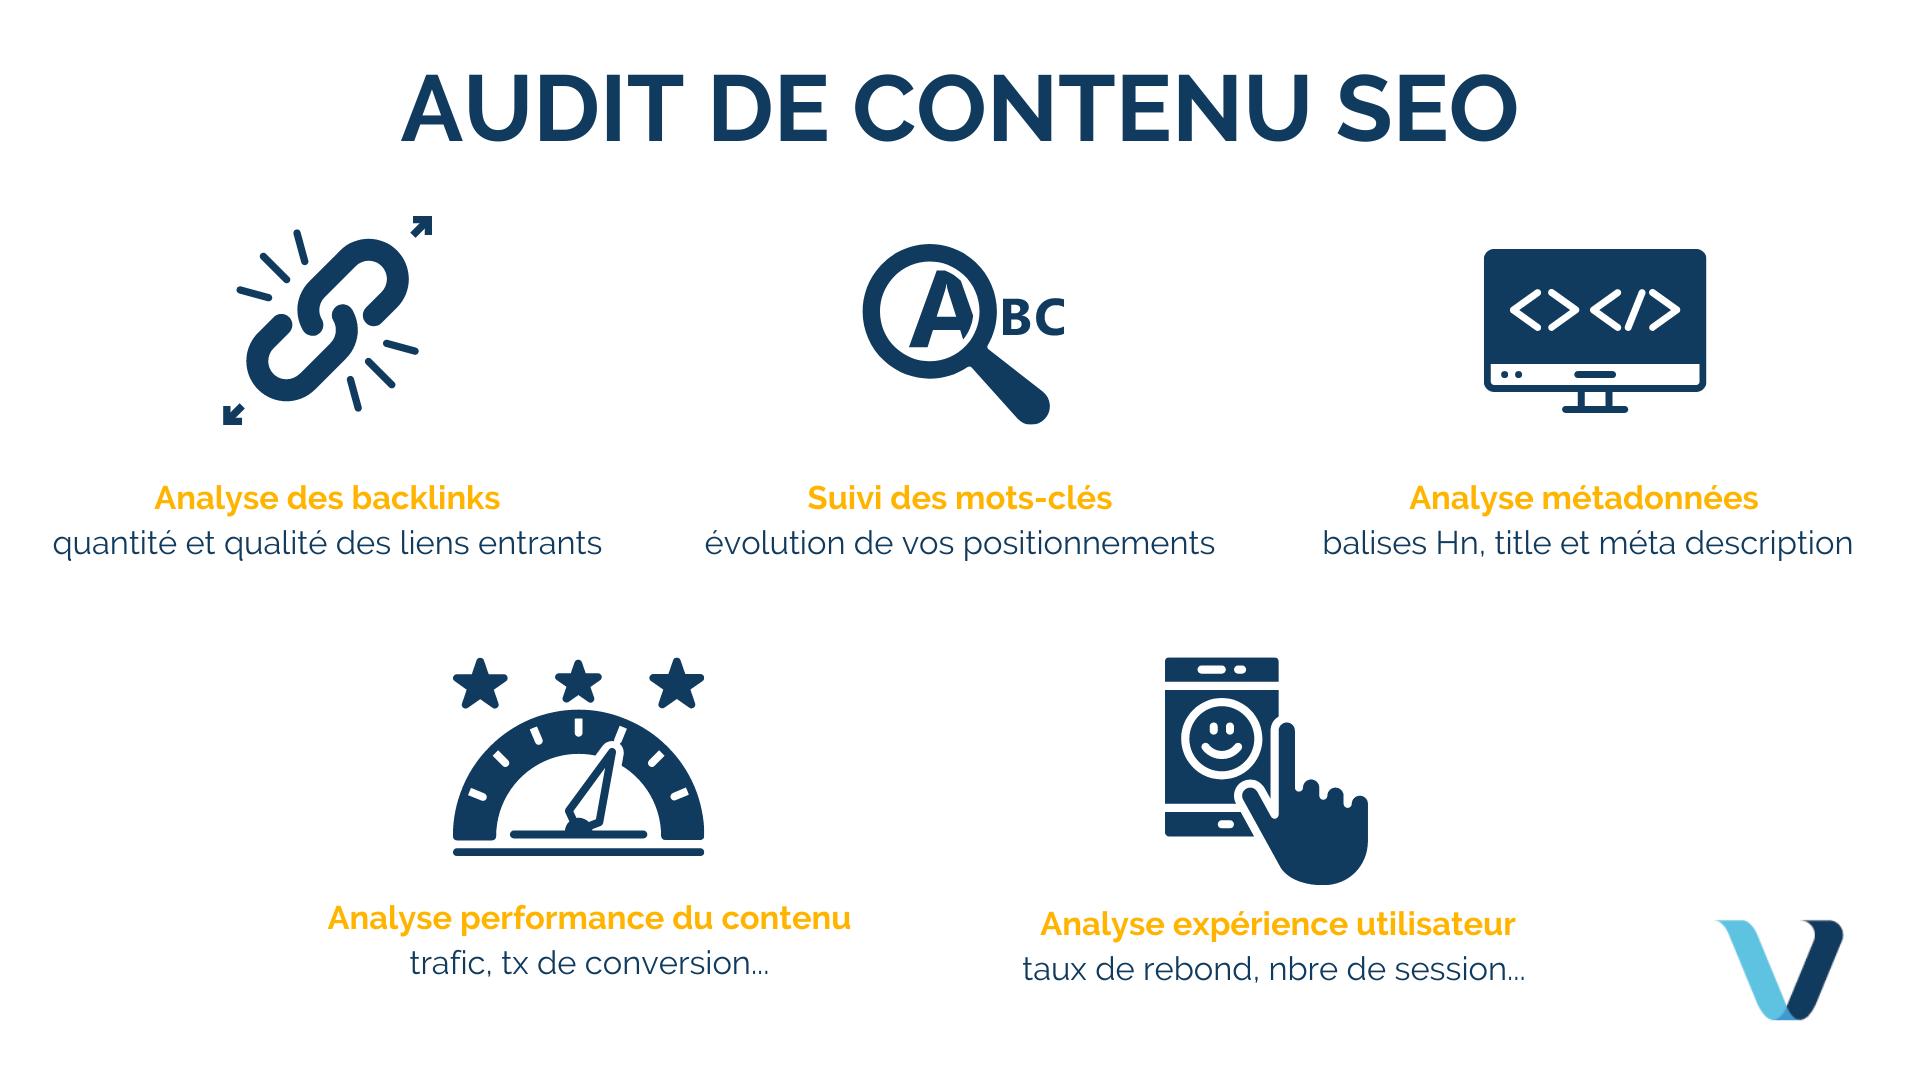 Comment faire un audit SEO de contenu ?